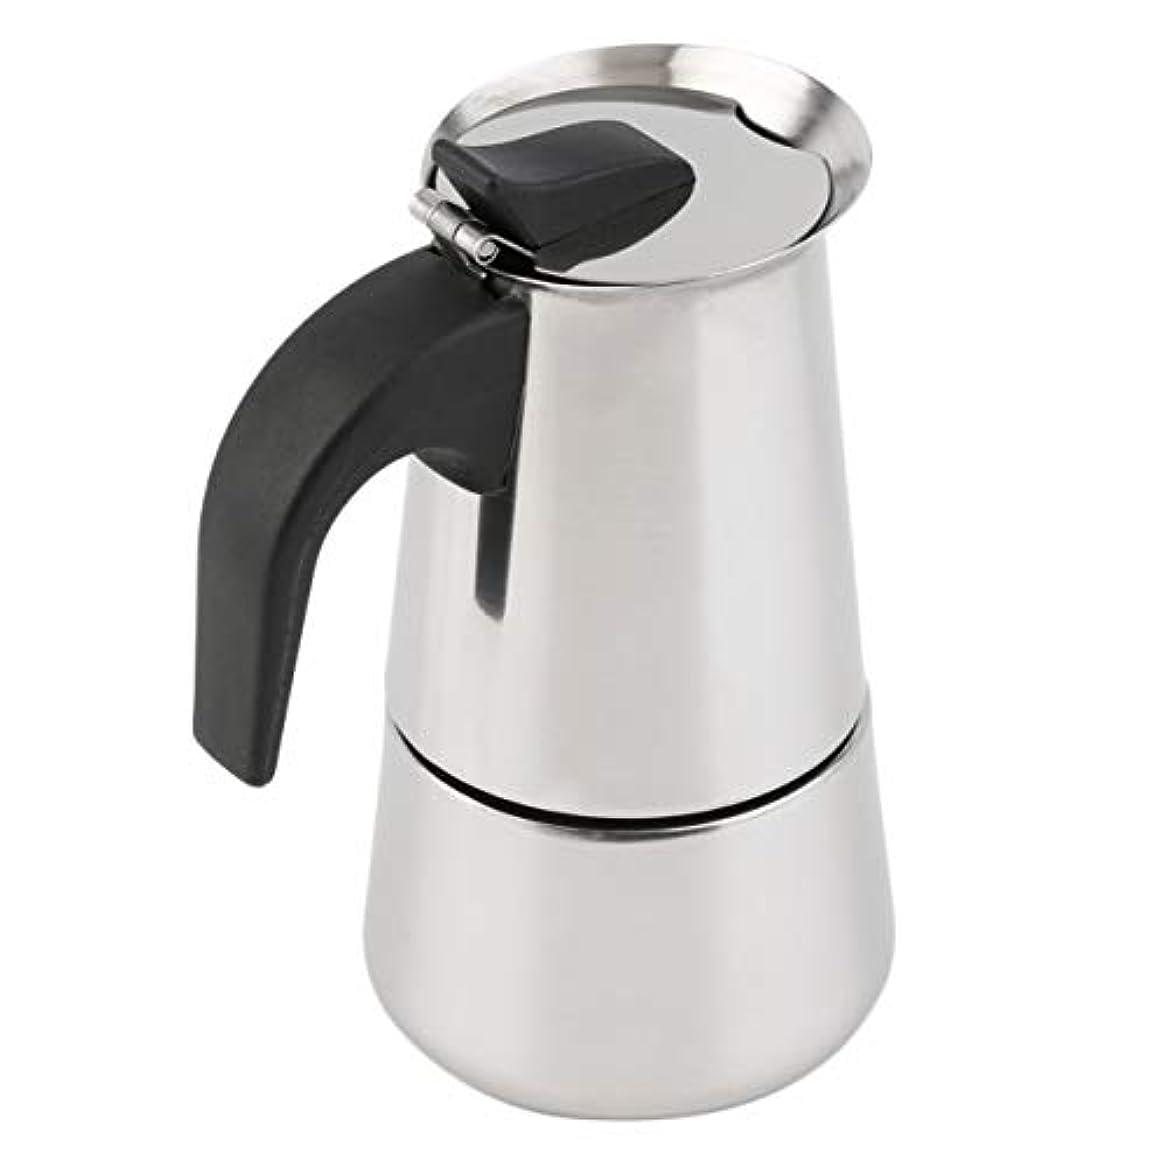 戦闘経験挑むSaikogoods 2/4/6カップパーコレーターストーブトップのコーヒーメーカーモカエスプレッソラテステンレスポットホット販売 銀 6カップ